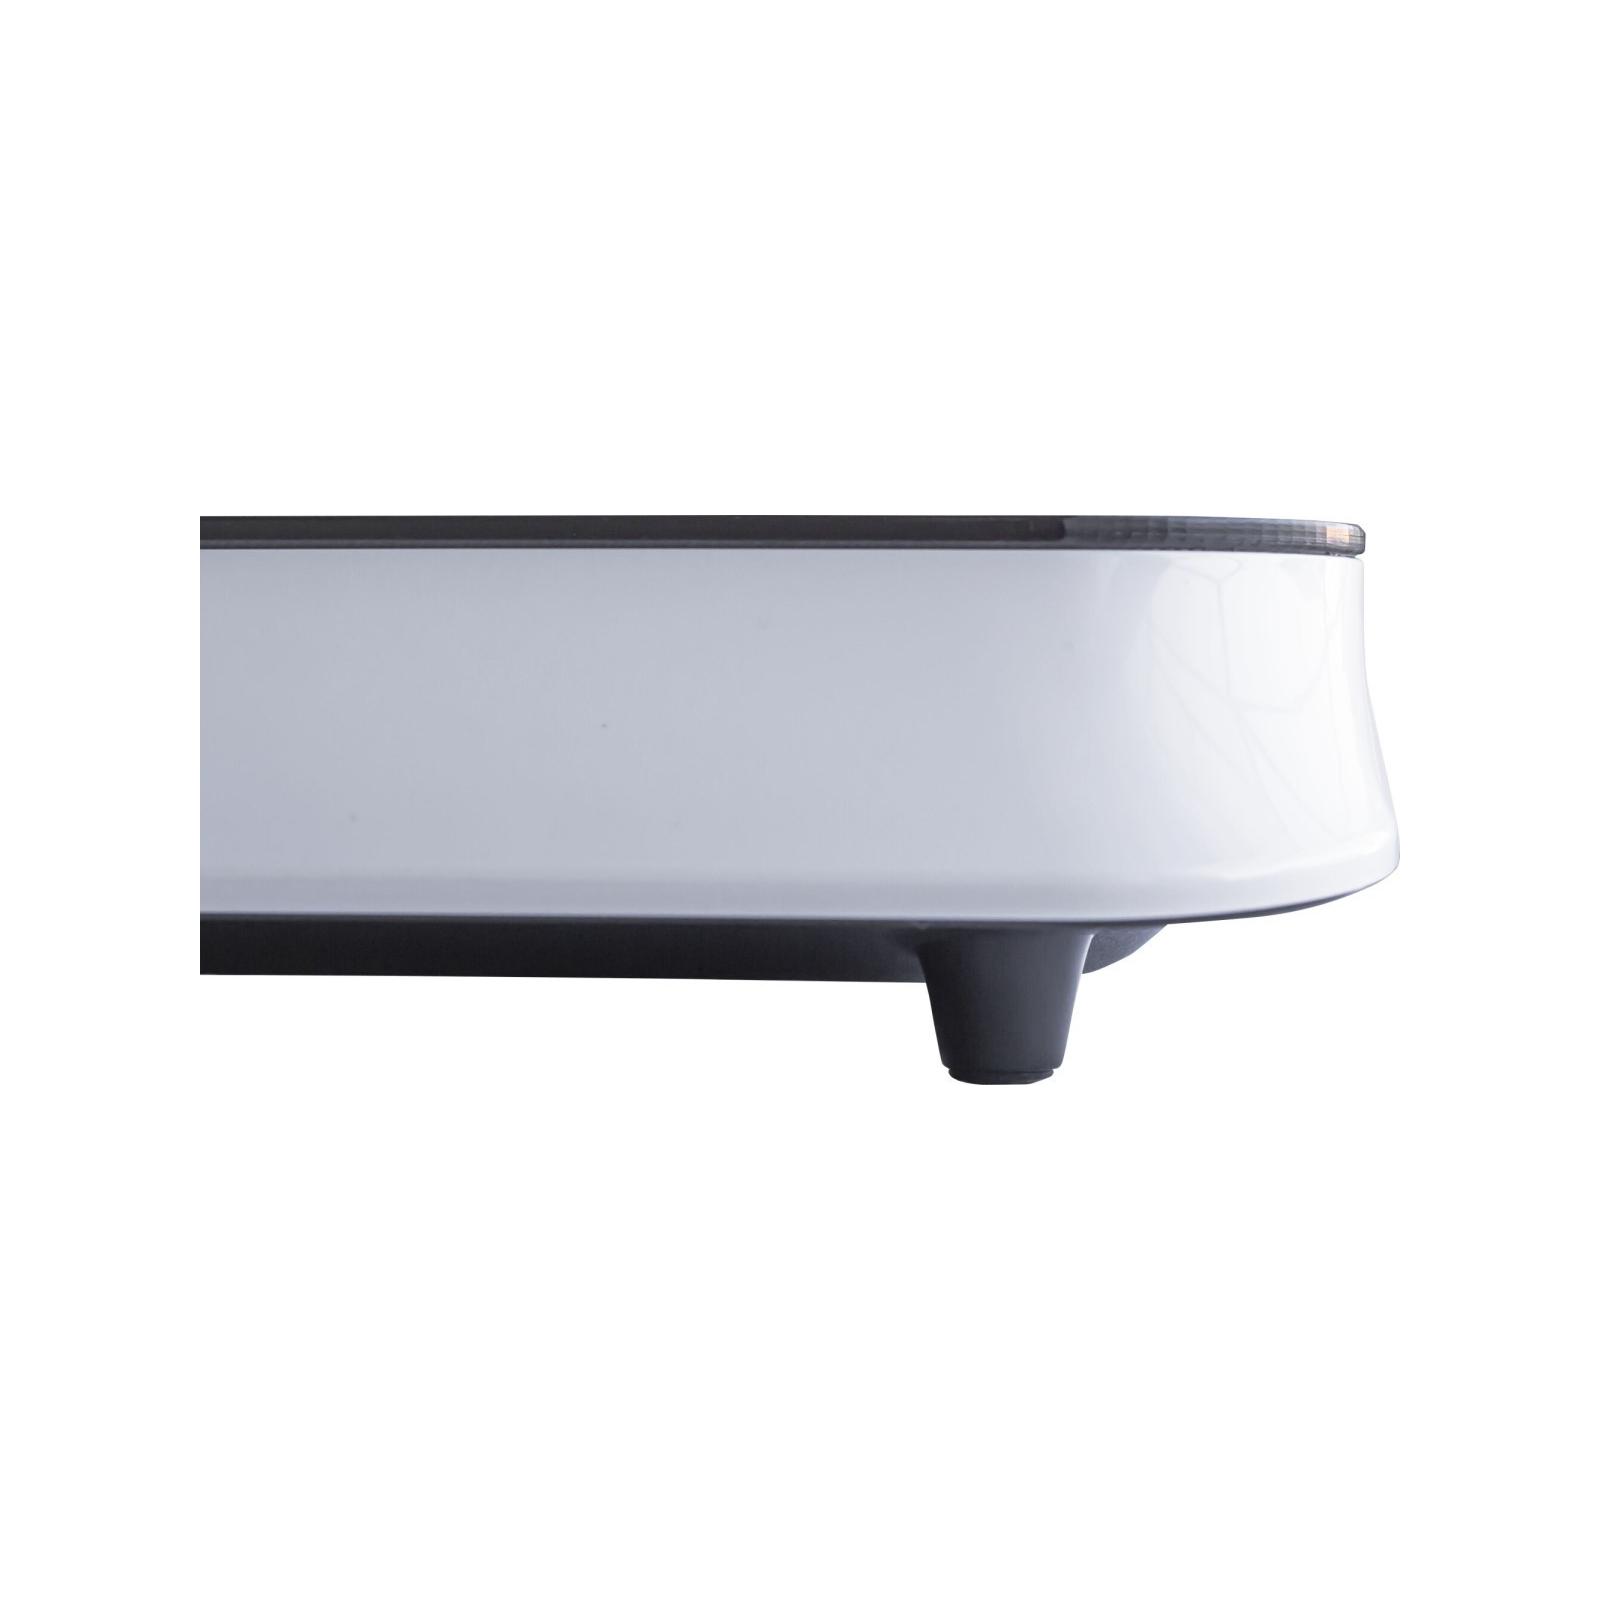 Електроплитка Laretti LR-CP5001 зображення 7